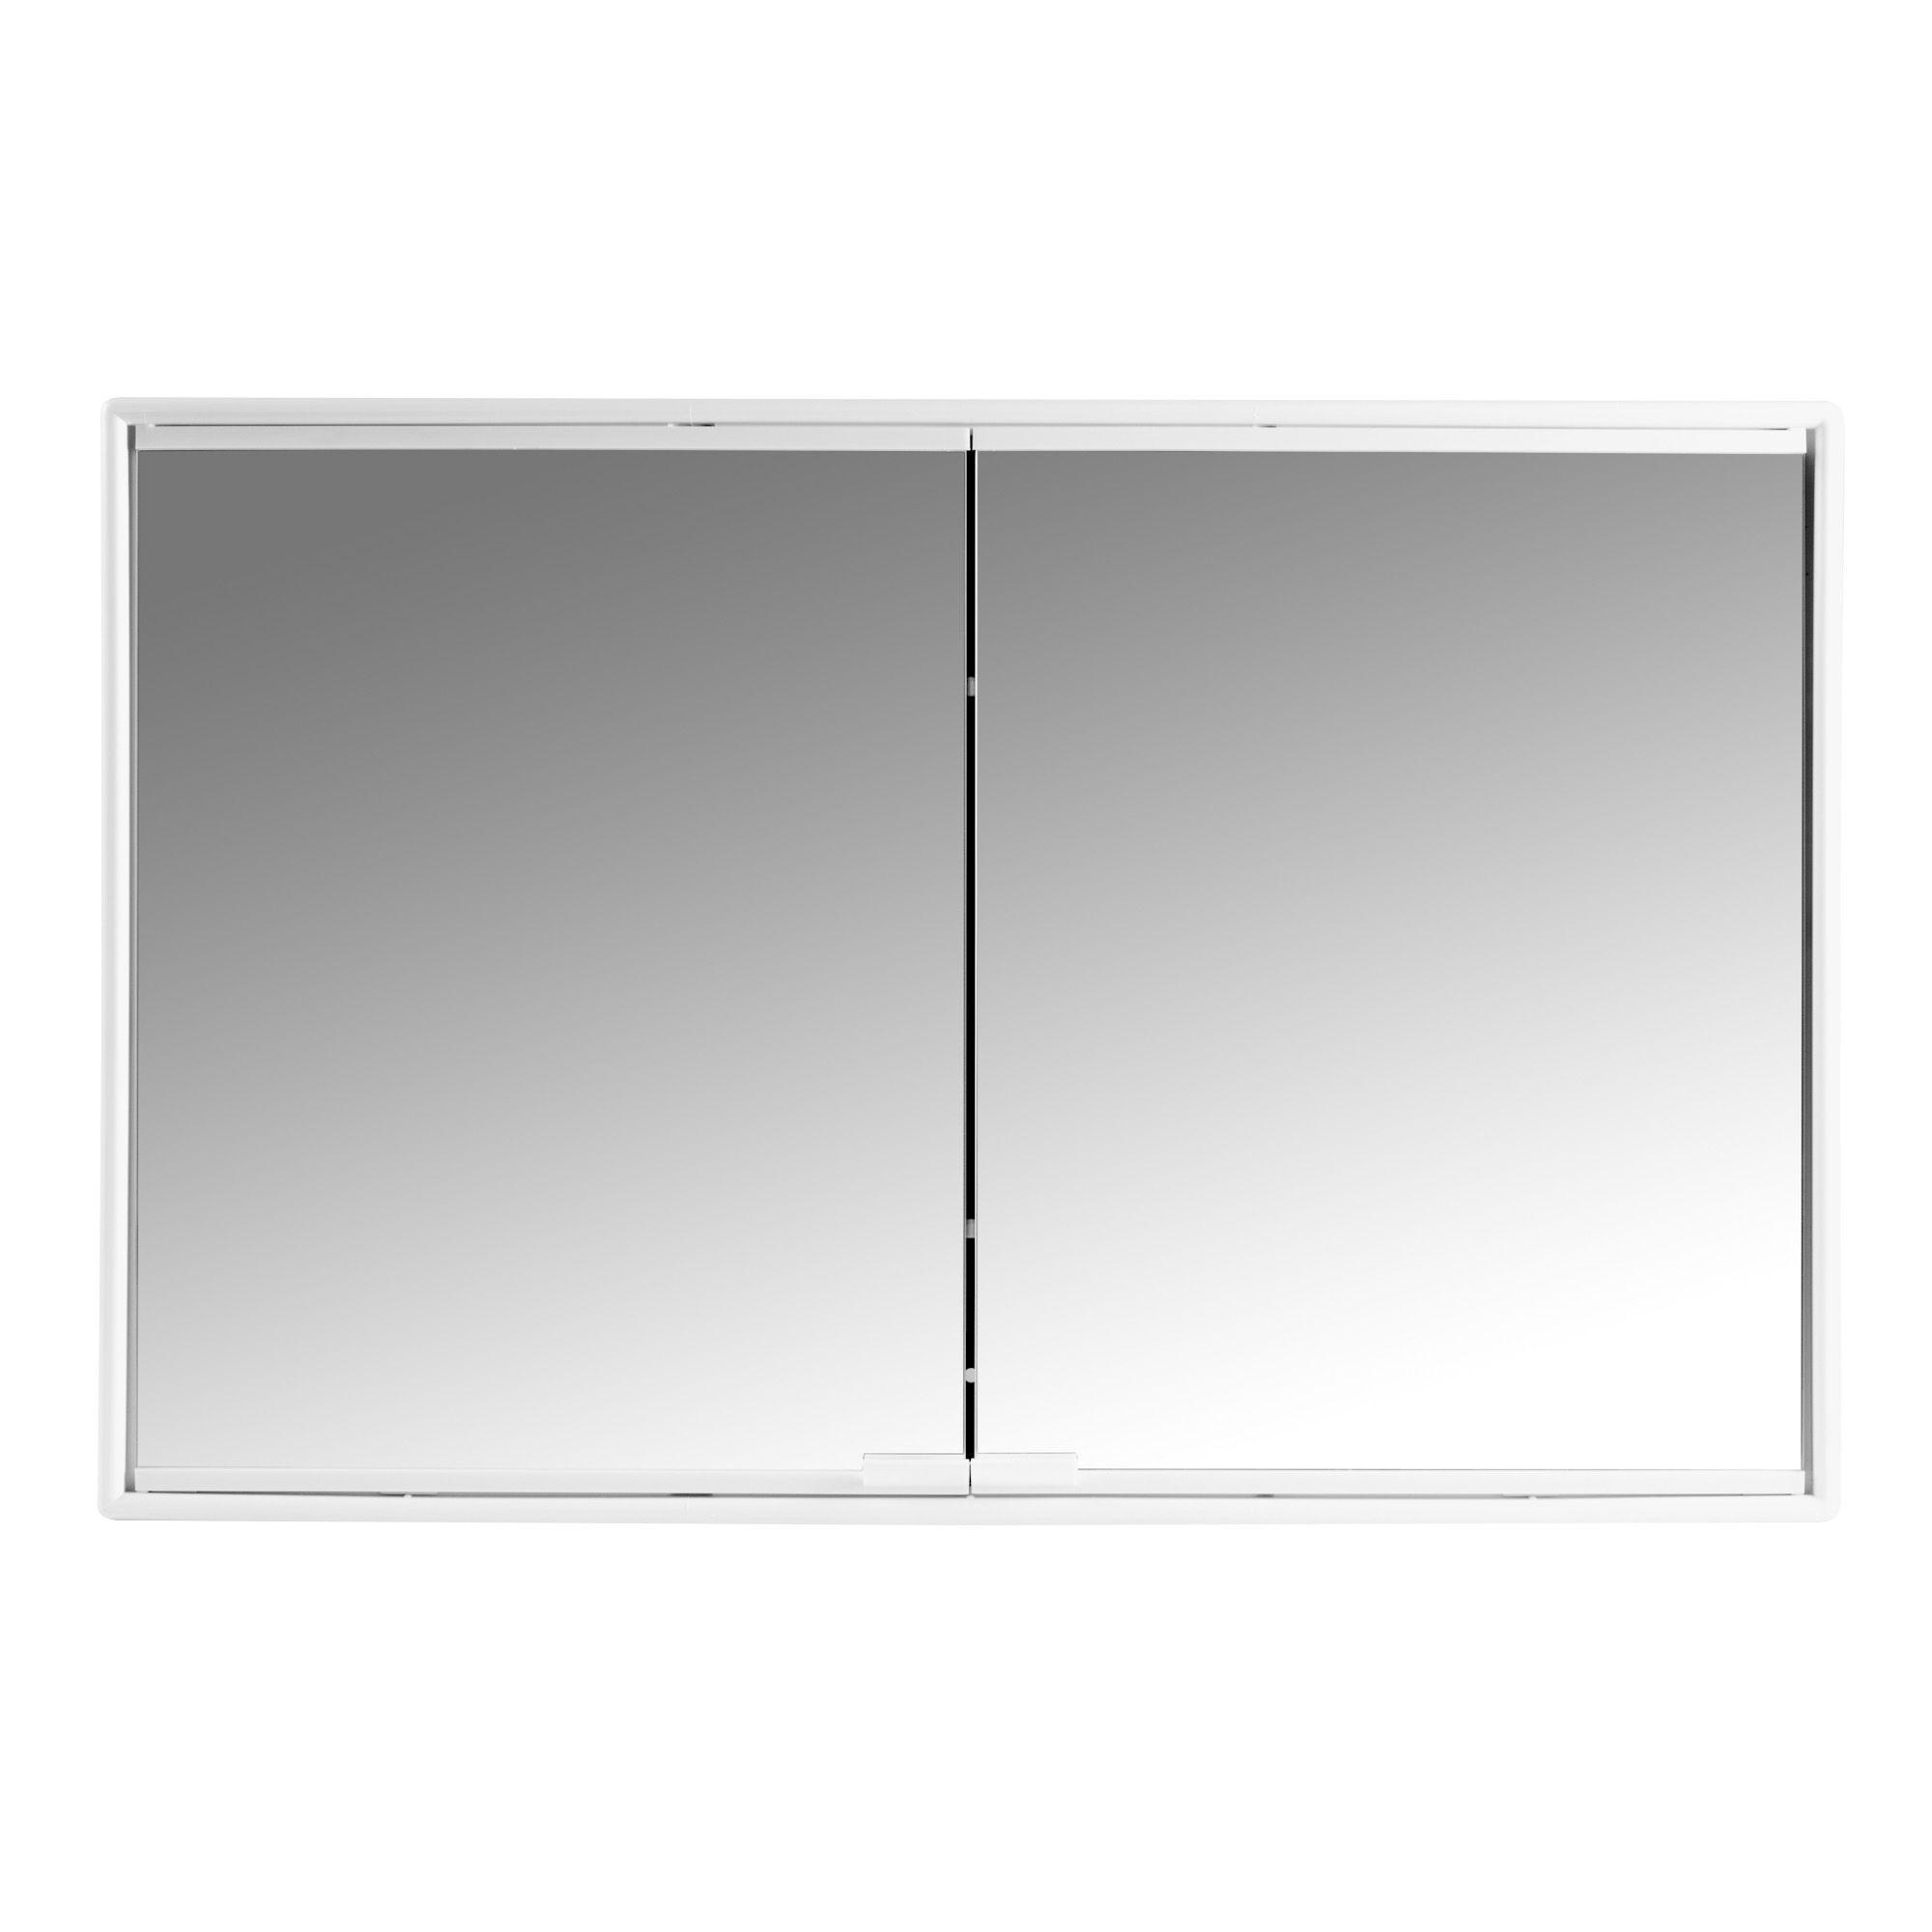 Alcudina White Double Door Mirror Cabinet Departments Diy At Bq